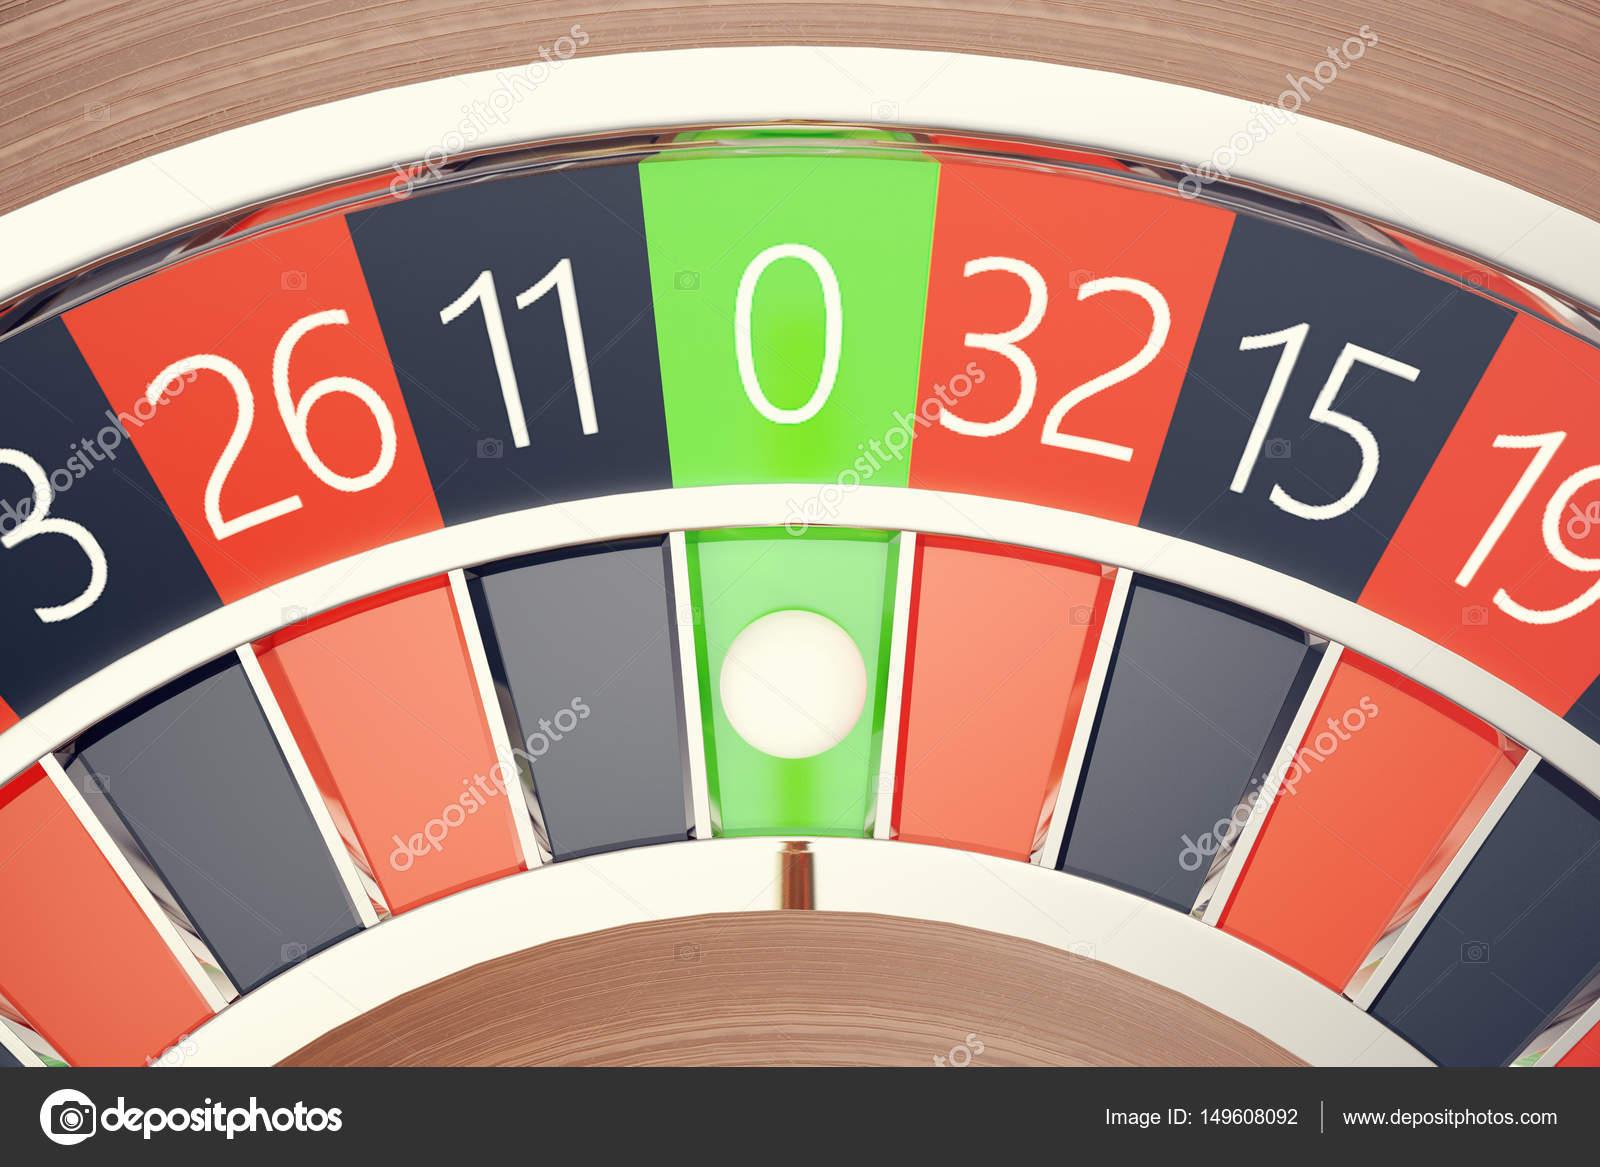 Казино, рулетка, азартные игры скачать бесплатно alwayshot игровые автоматы